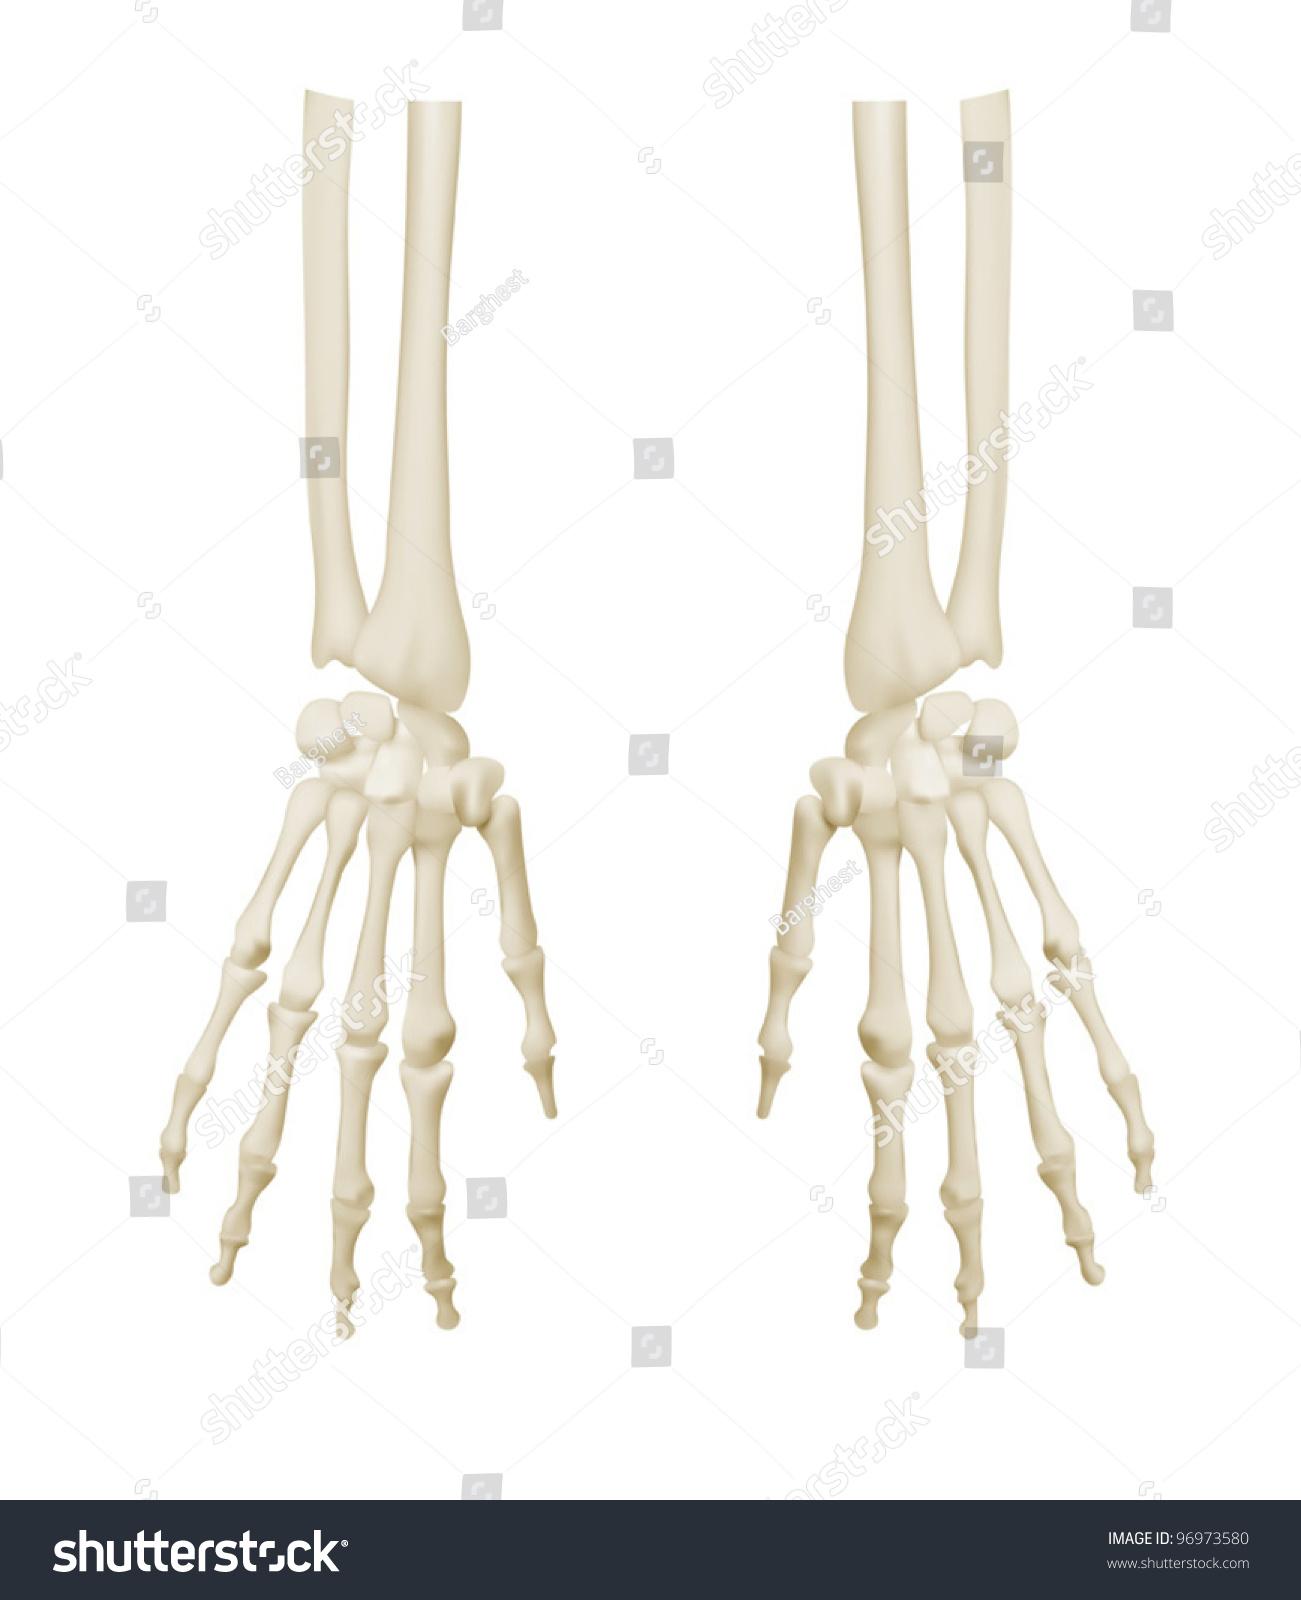 Hands Anatomy Teaching Model Bones Stock Vector 96973580 - Shutterstock